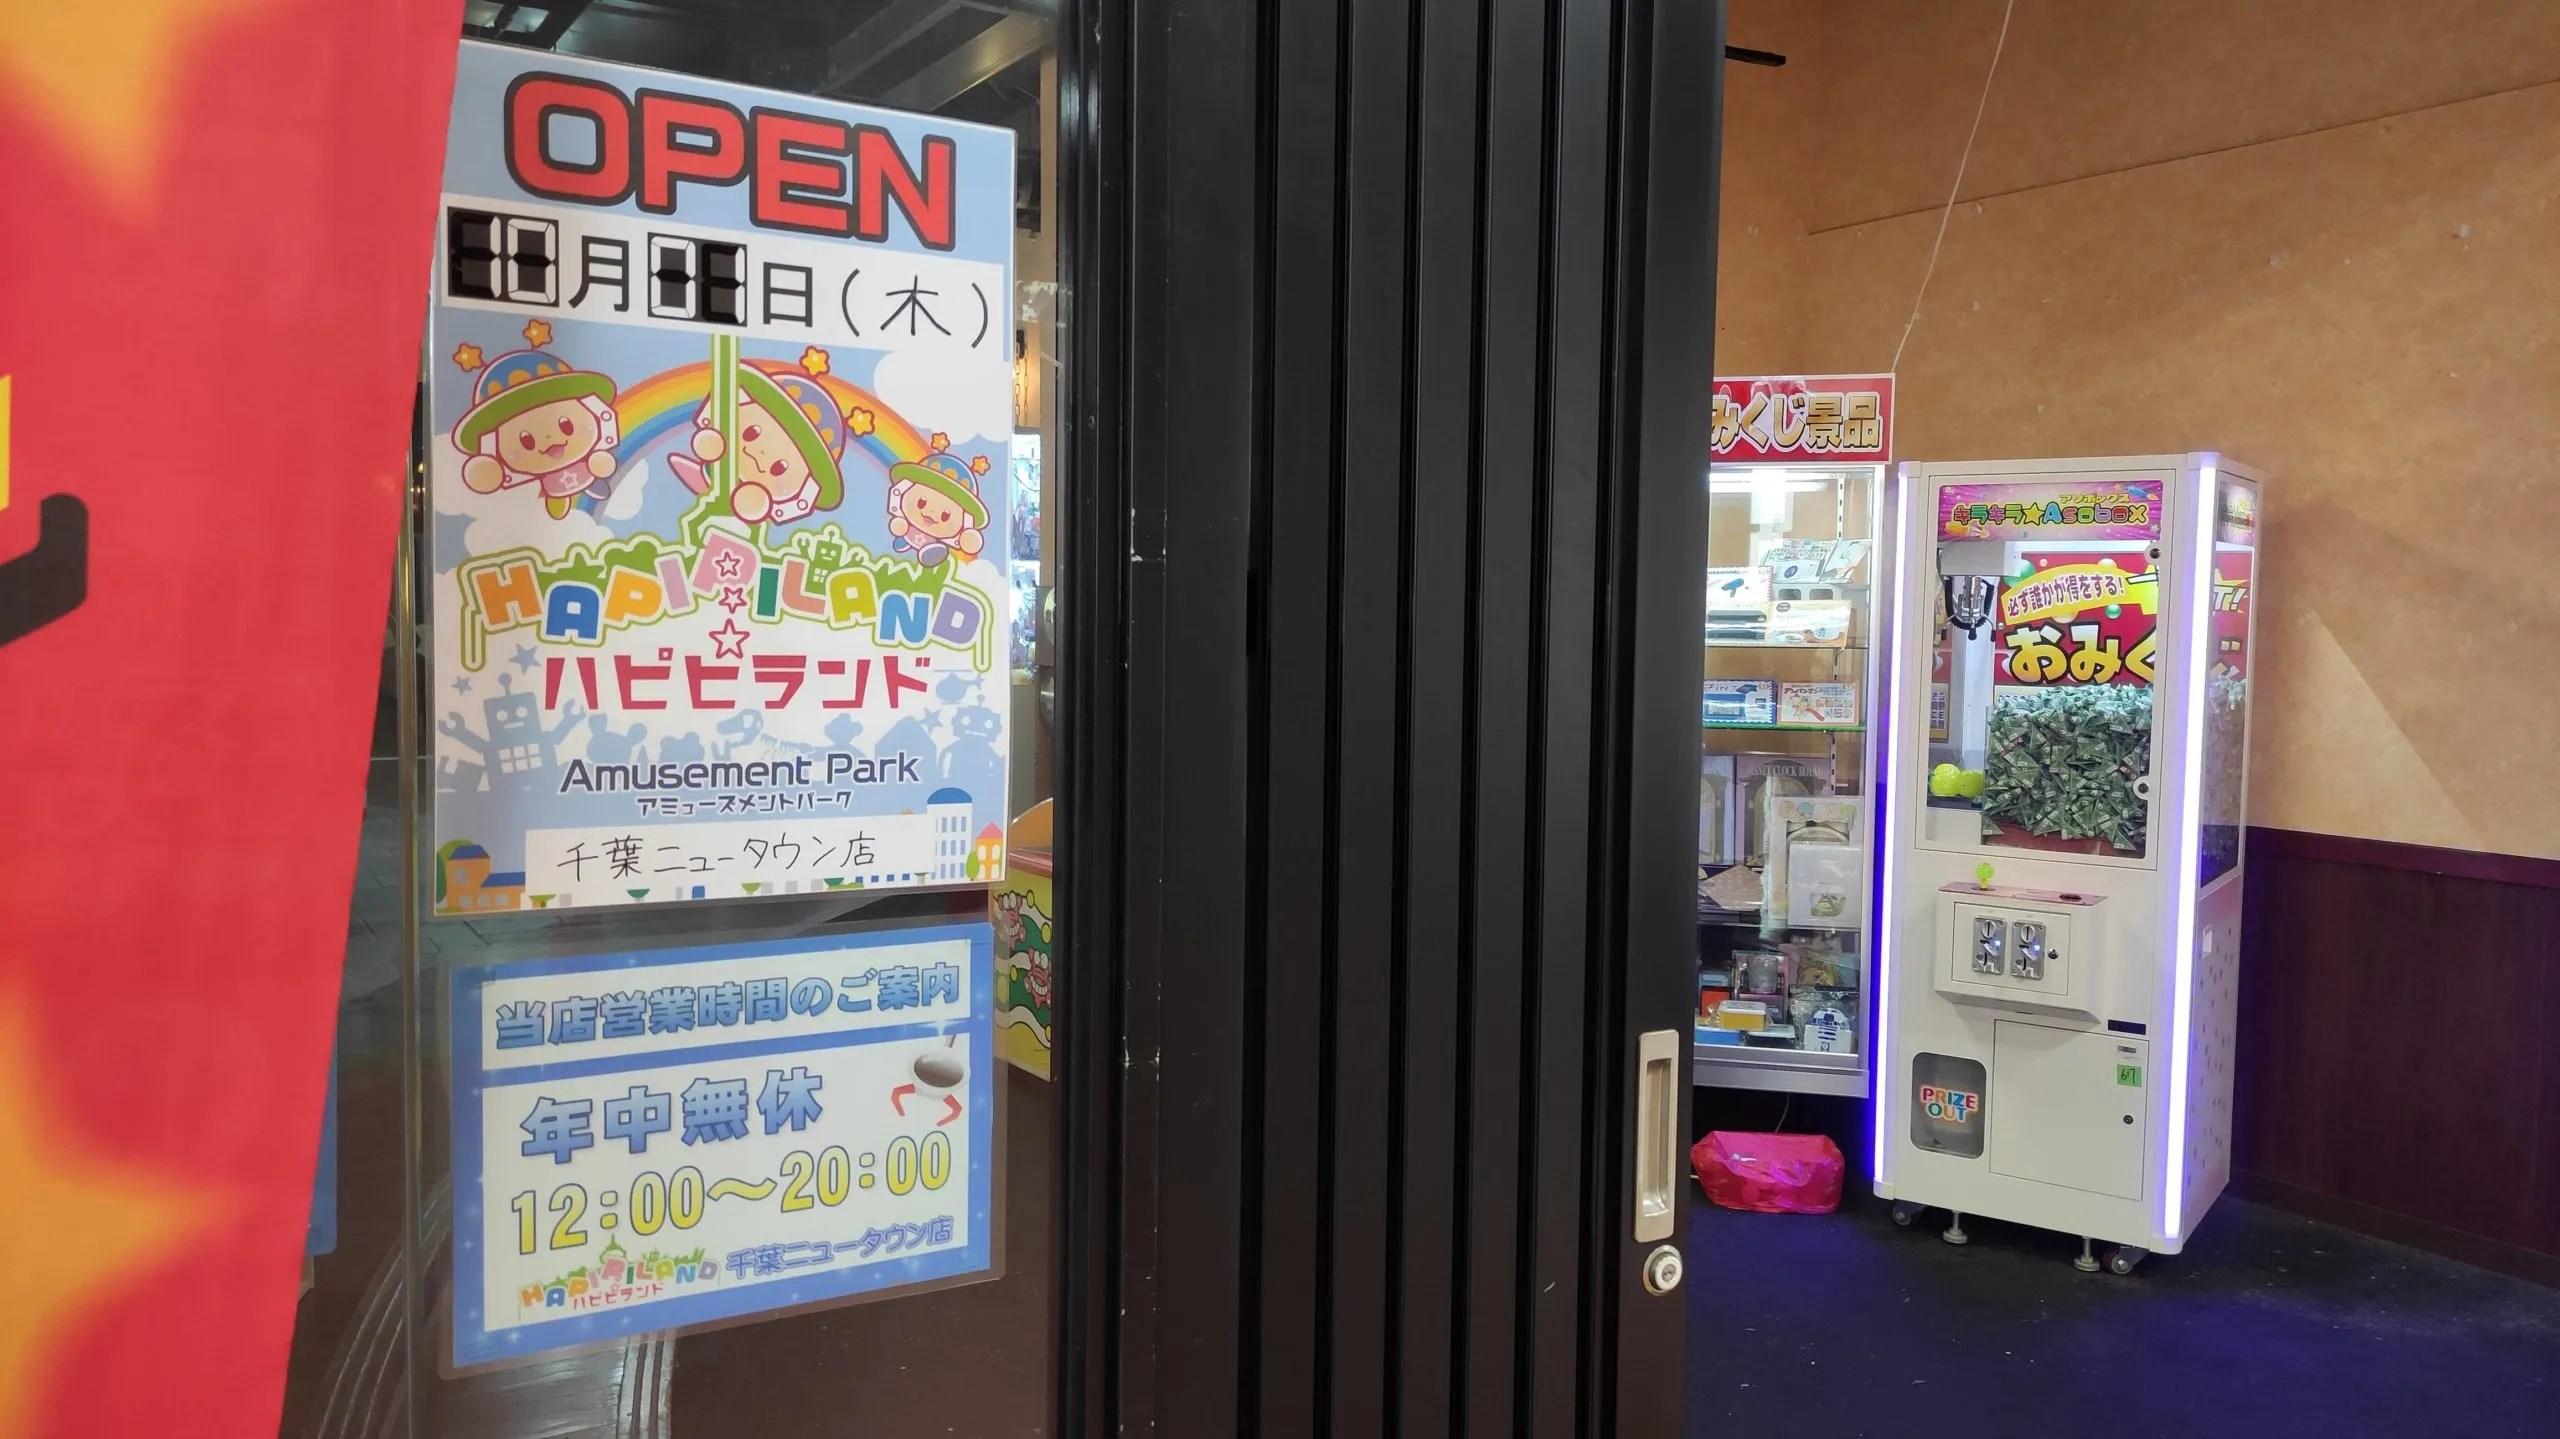 「ハピピランド千葉ニュータウン店」、OPENしてました。01